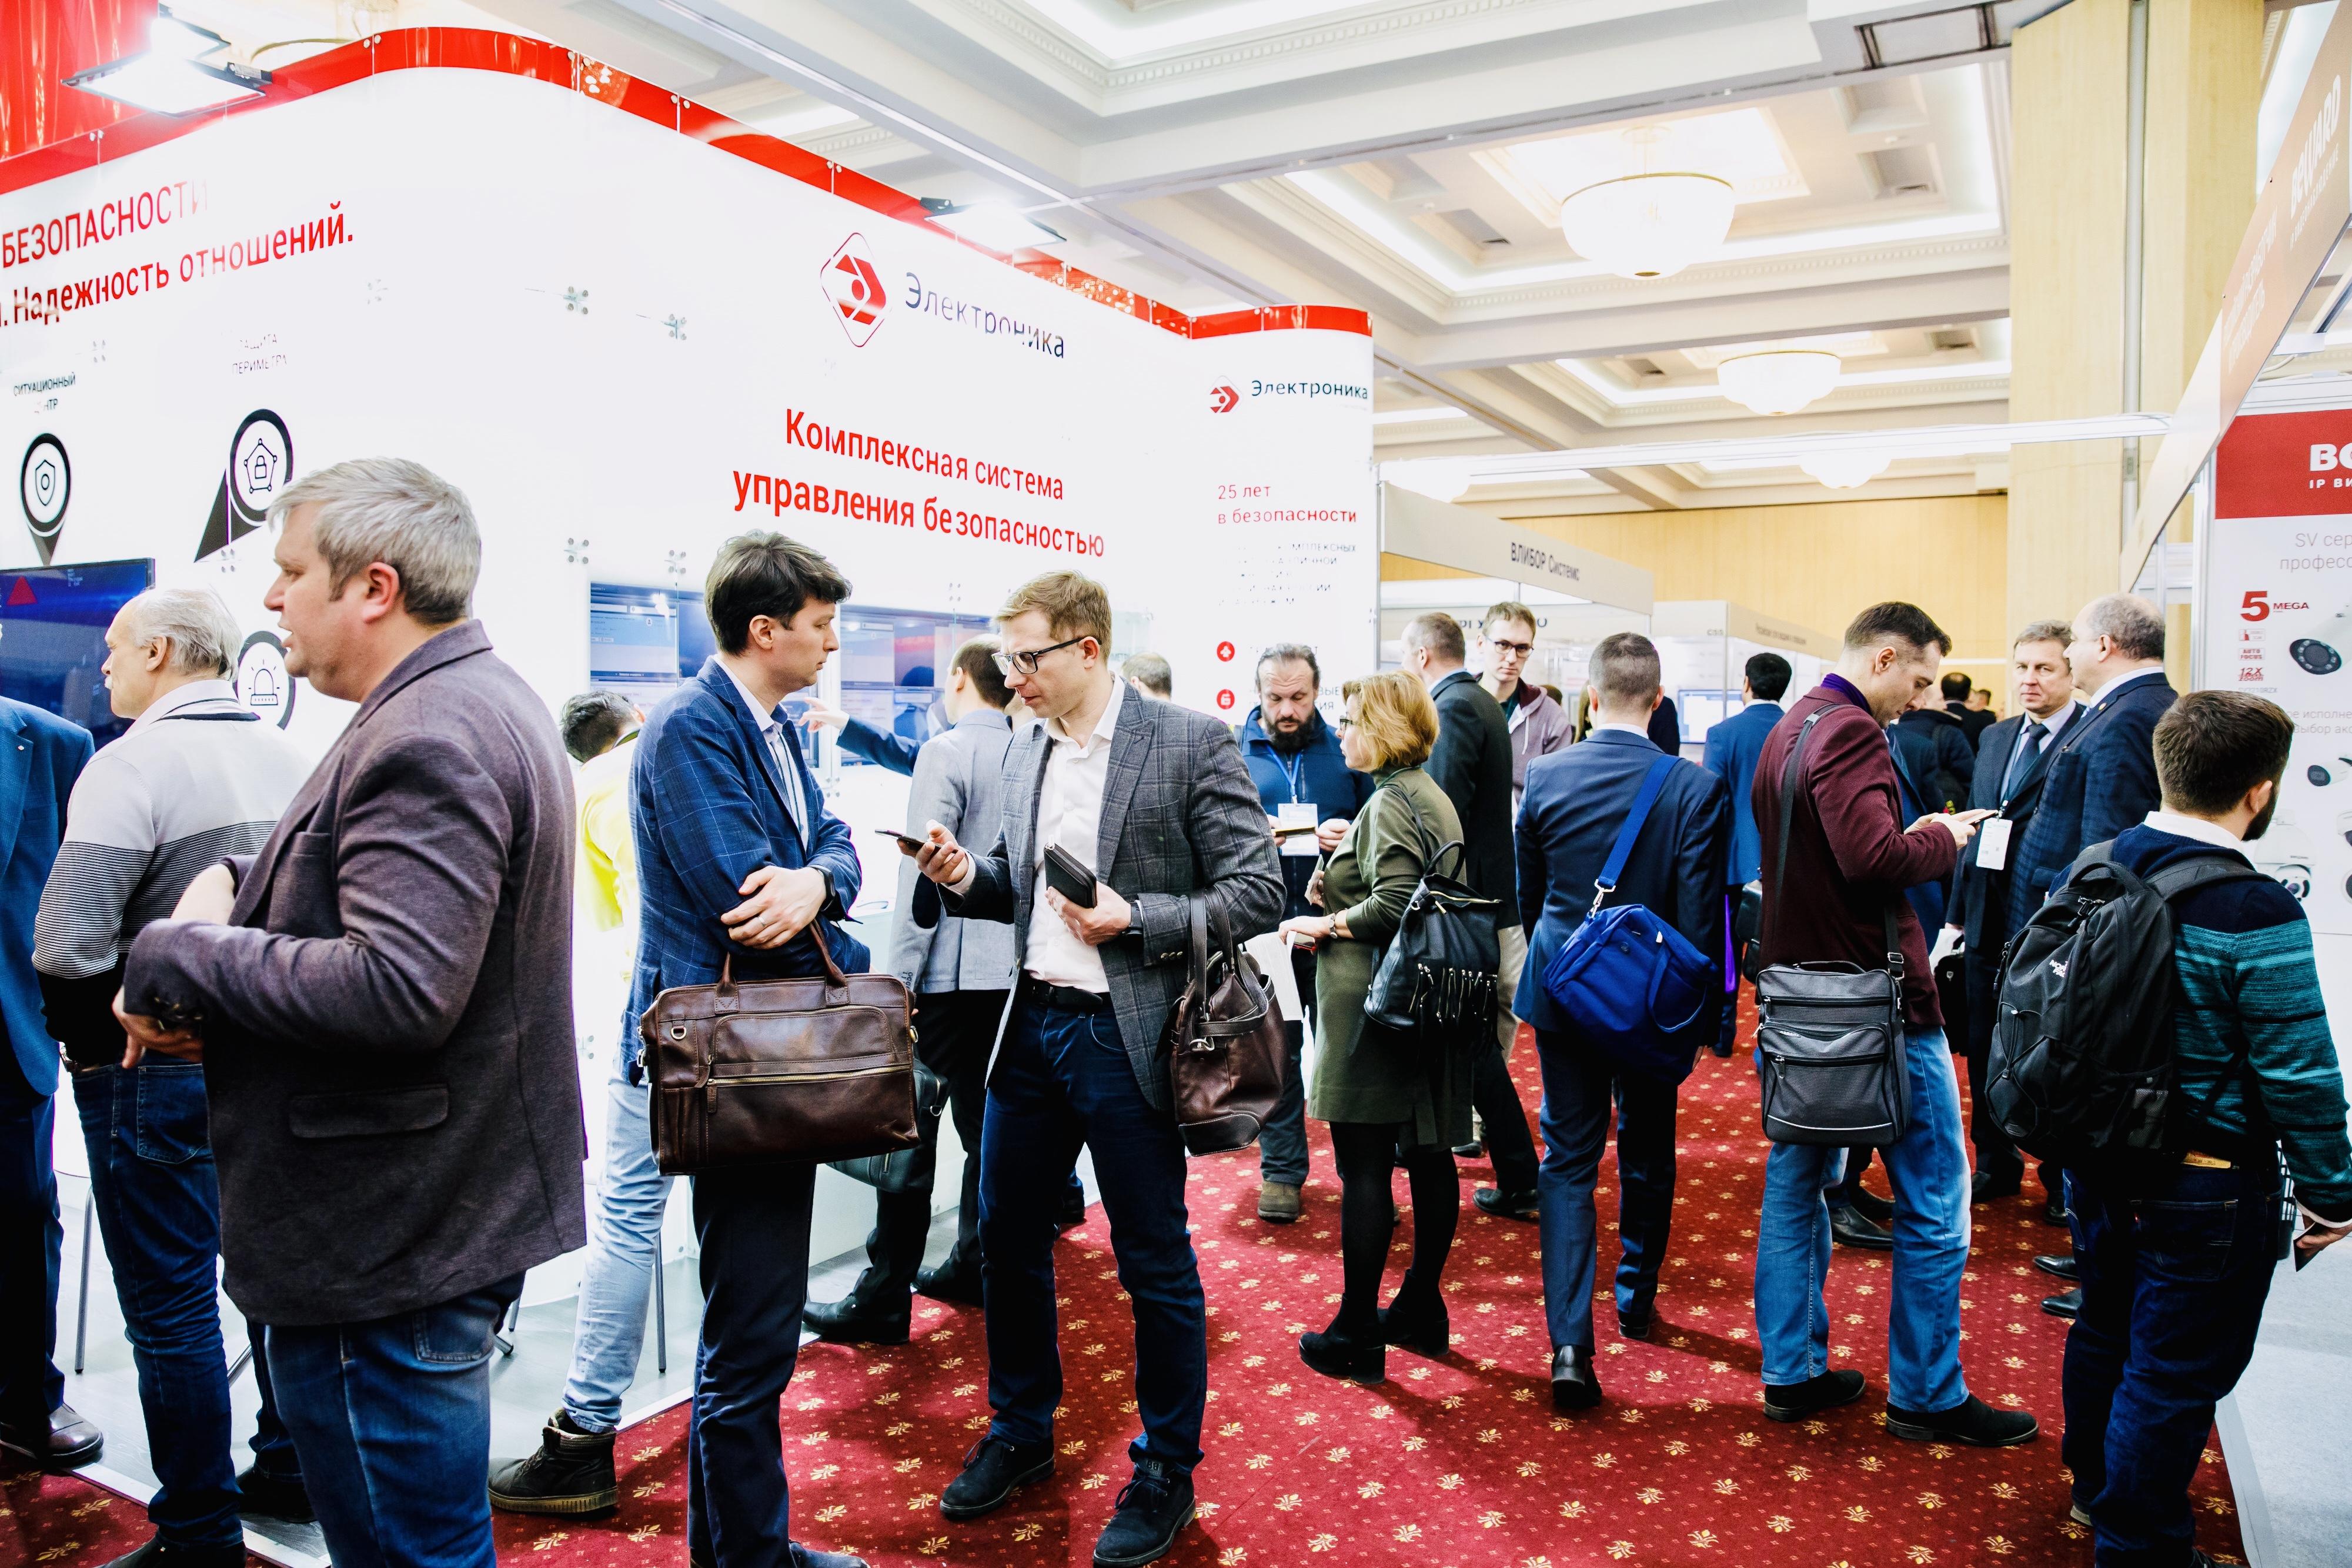 ТБ Форум 2019: завершился крупнейший съезд руководителей по безопасности. Стартовала годовая программа встреч по всем направлениям безопасности